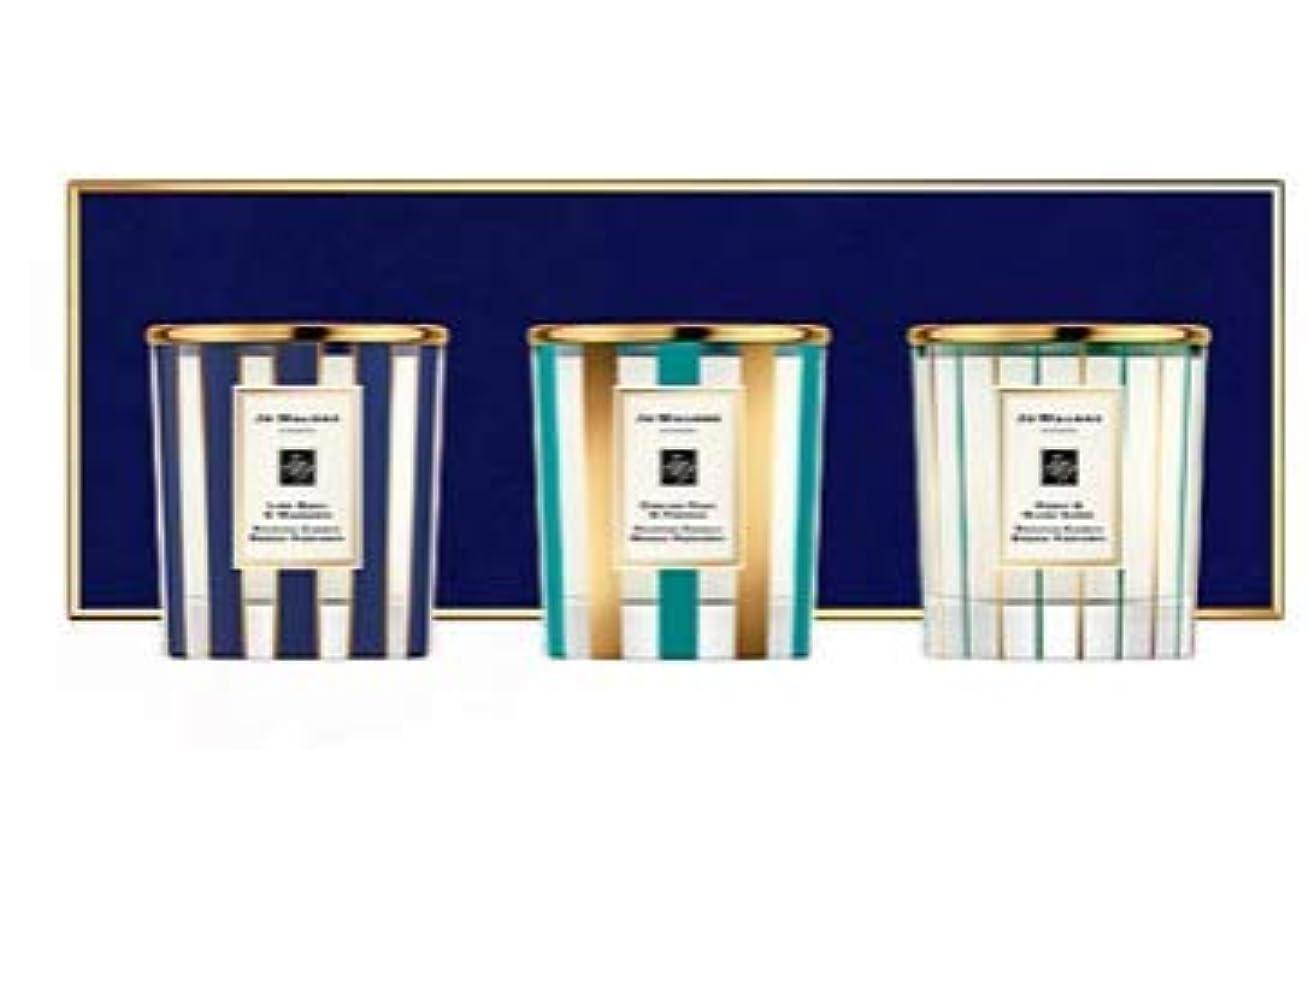 選択誠実さ復活ジョー マローン ロンドン デコレイティッド キャンドル コレクション(限定品)